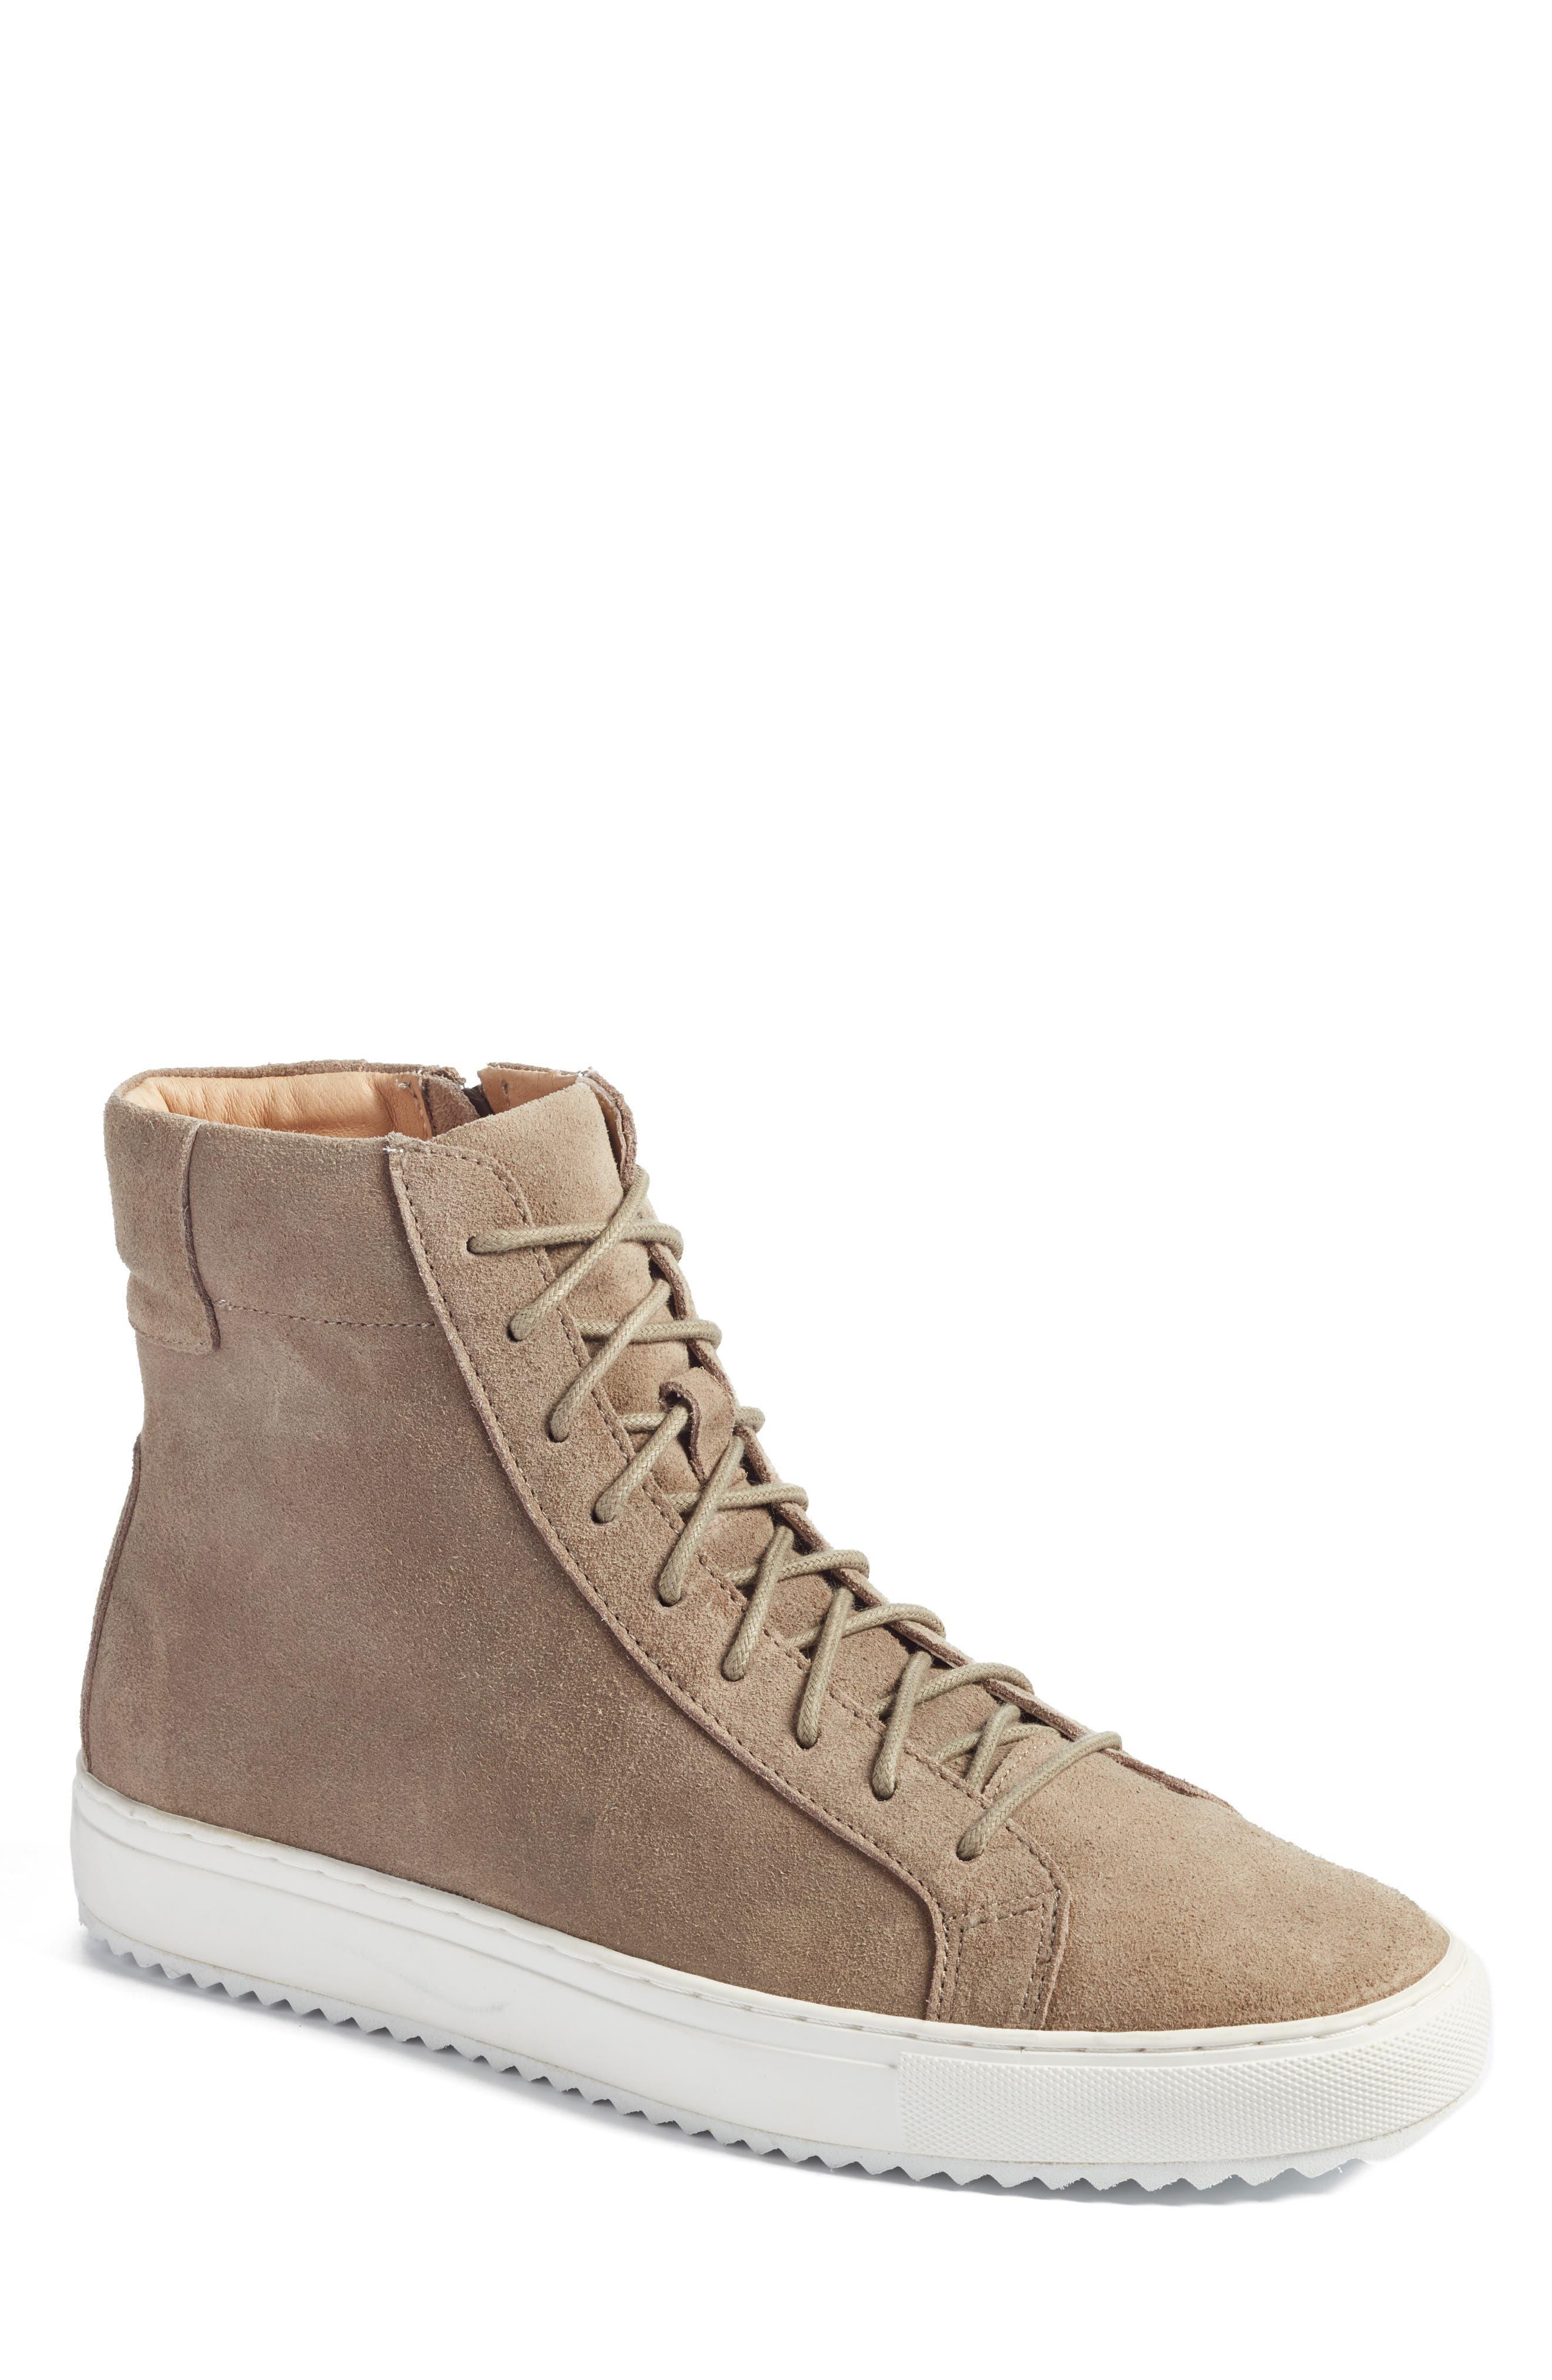 Main Image - TCG Logan Water Resistant High Top Sneaker (Men)